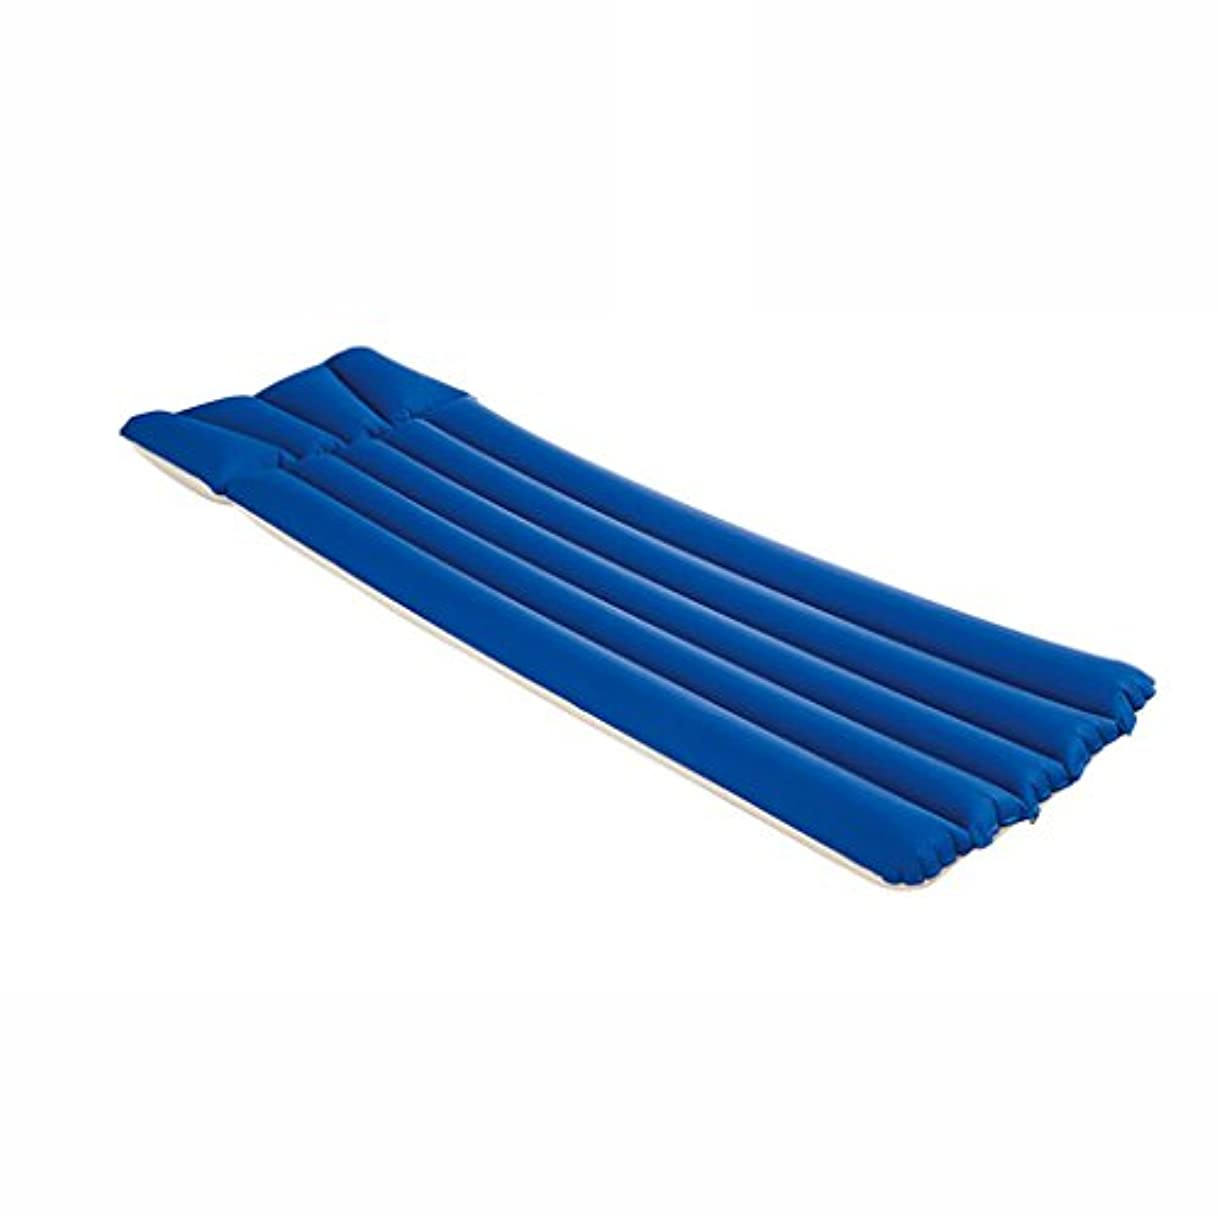 引き付けるシアー凍結ベッド、空気ベッドインフレータブル家庭用屋外キャンプマットレス (サイズ さいず : 184*56*11.5cm)